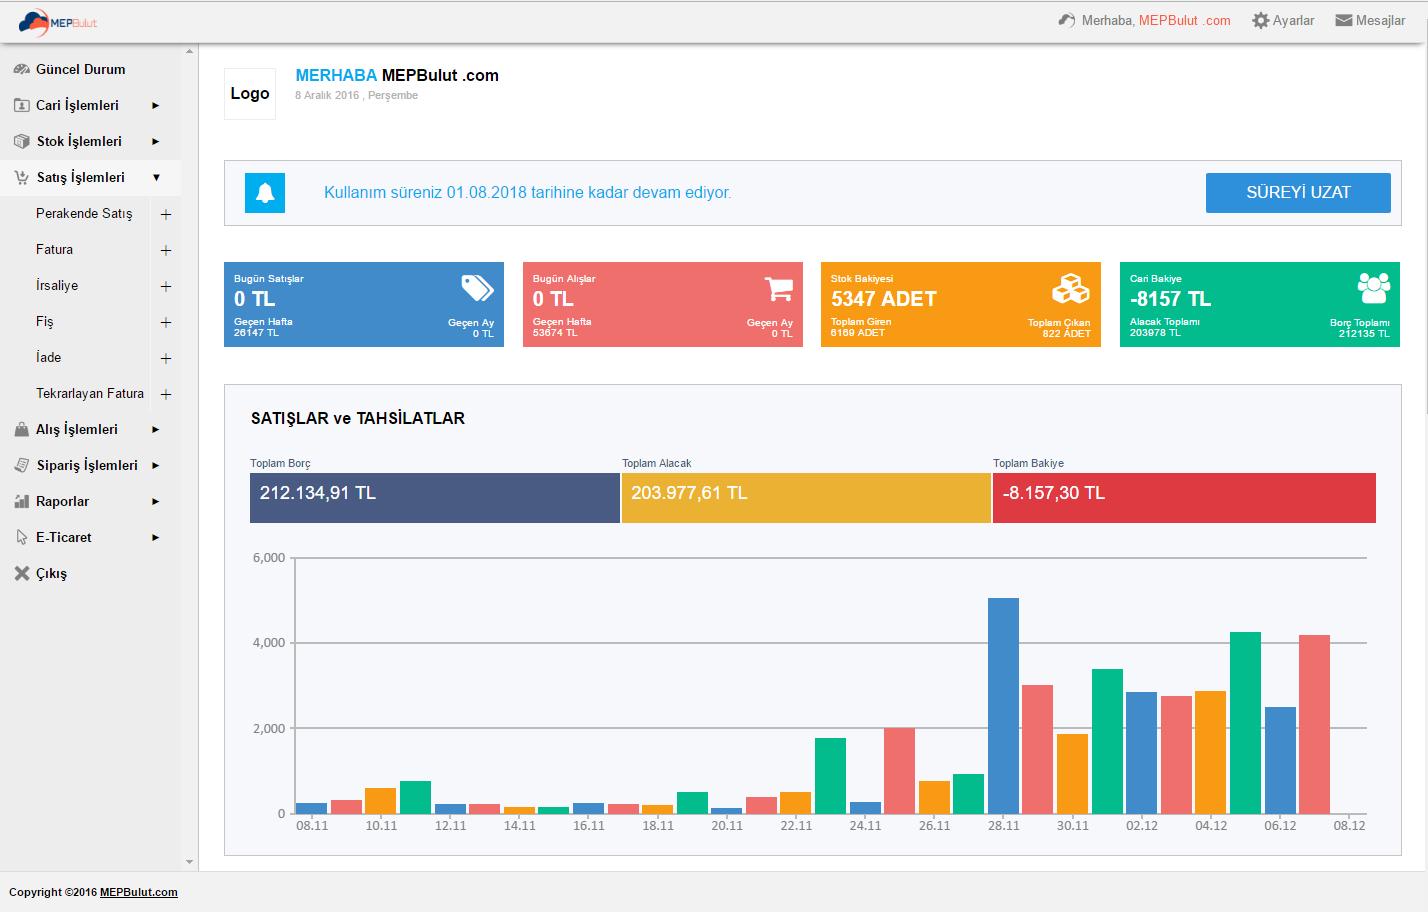 Yeni Güncelleme - MEPBulut V3.2.0 Yayınlandı.